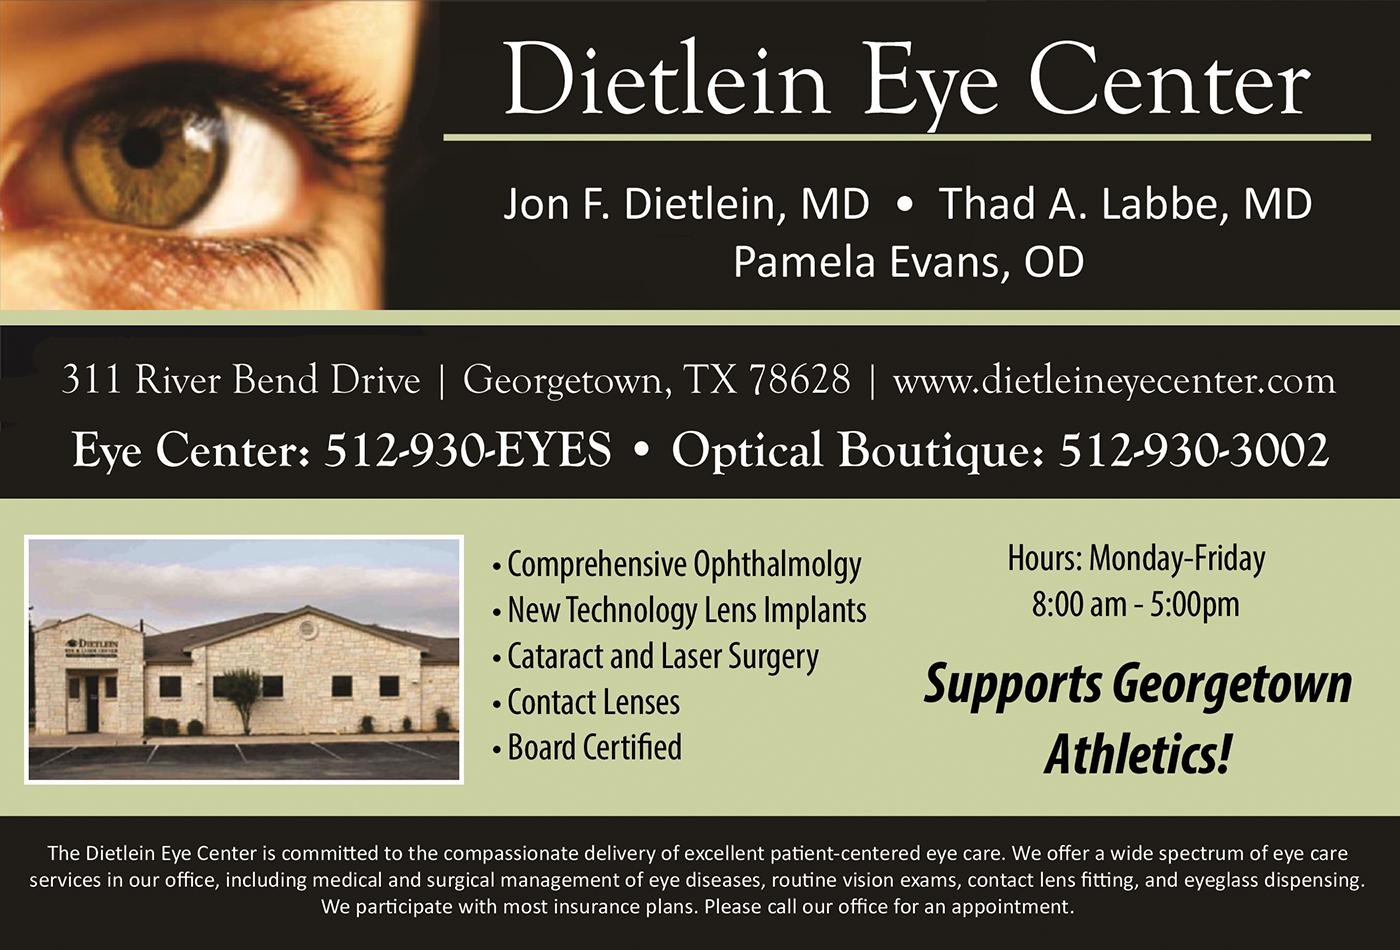 dietlein-eye-center